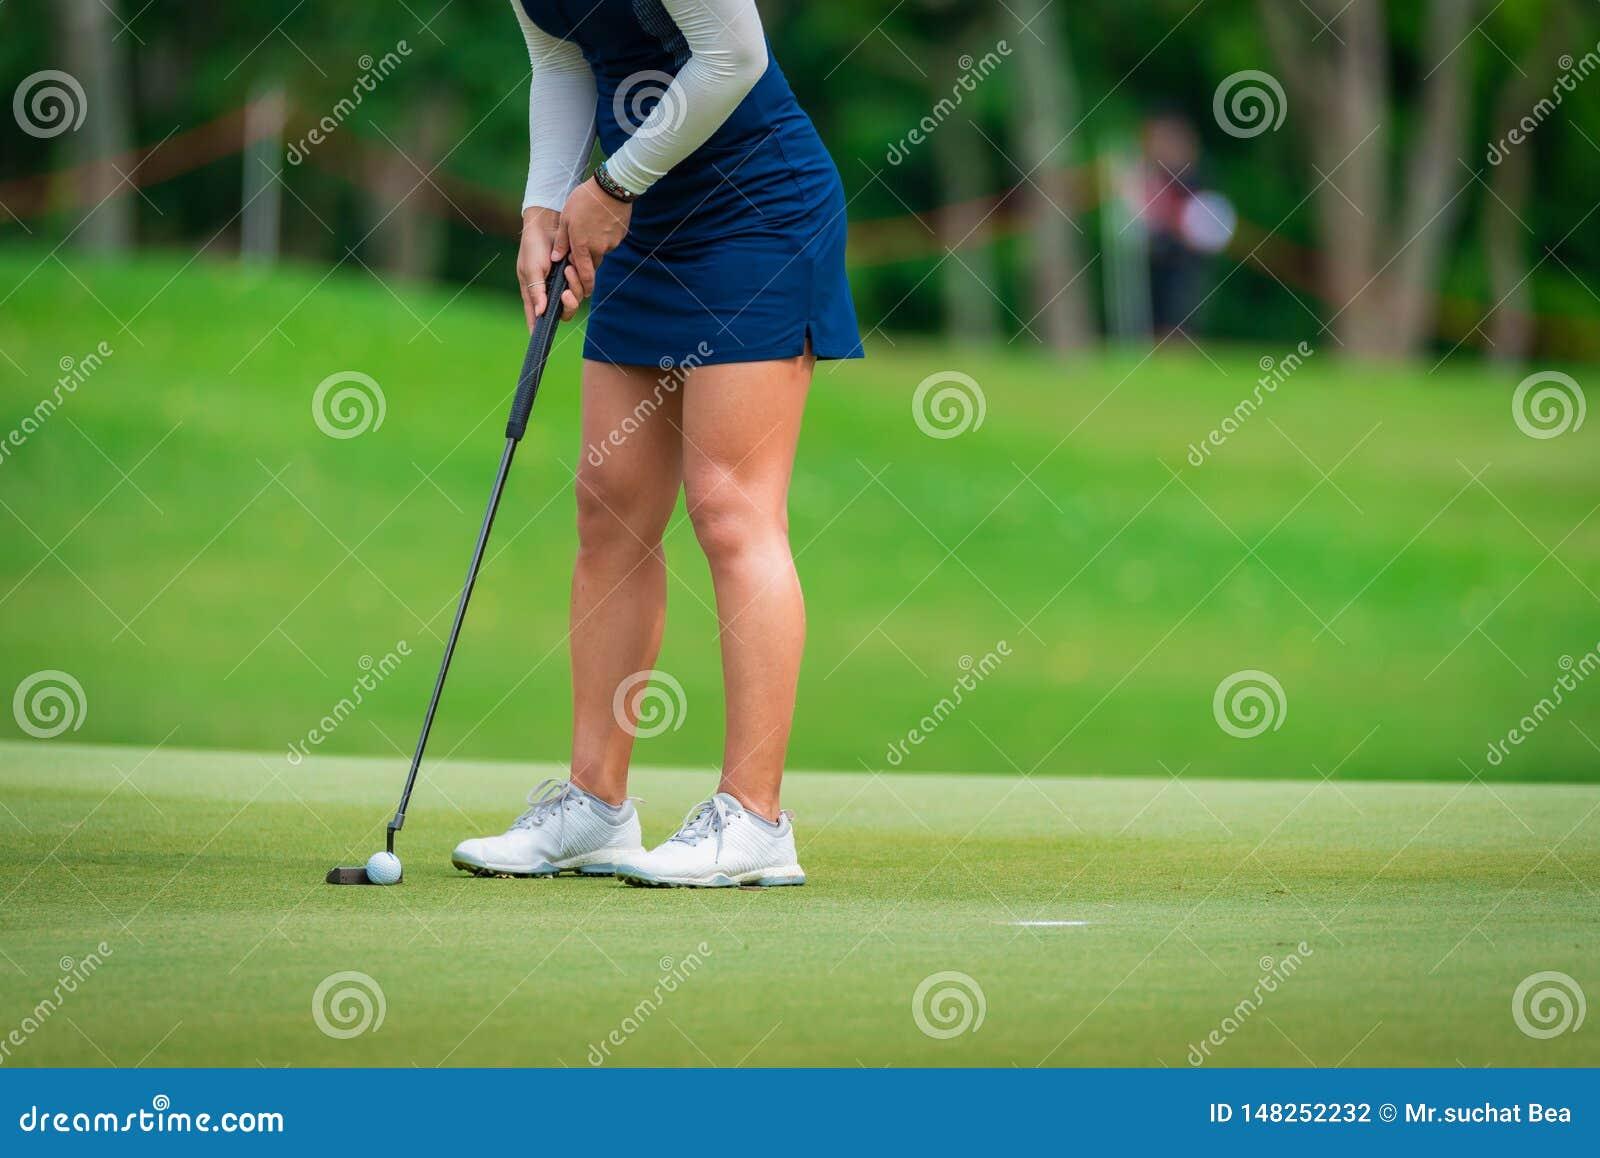 高尔夫球运动员准备高尔夫球由从发球区域高尔夫球竞争比赛的高尔夫俱乐部